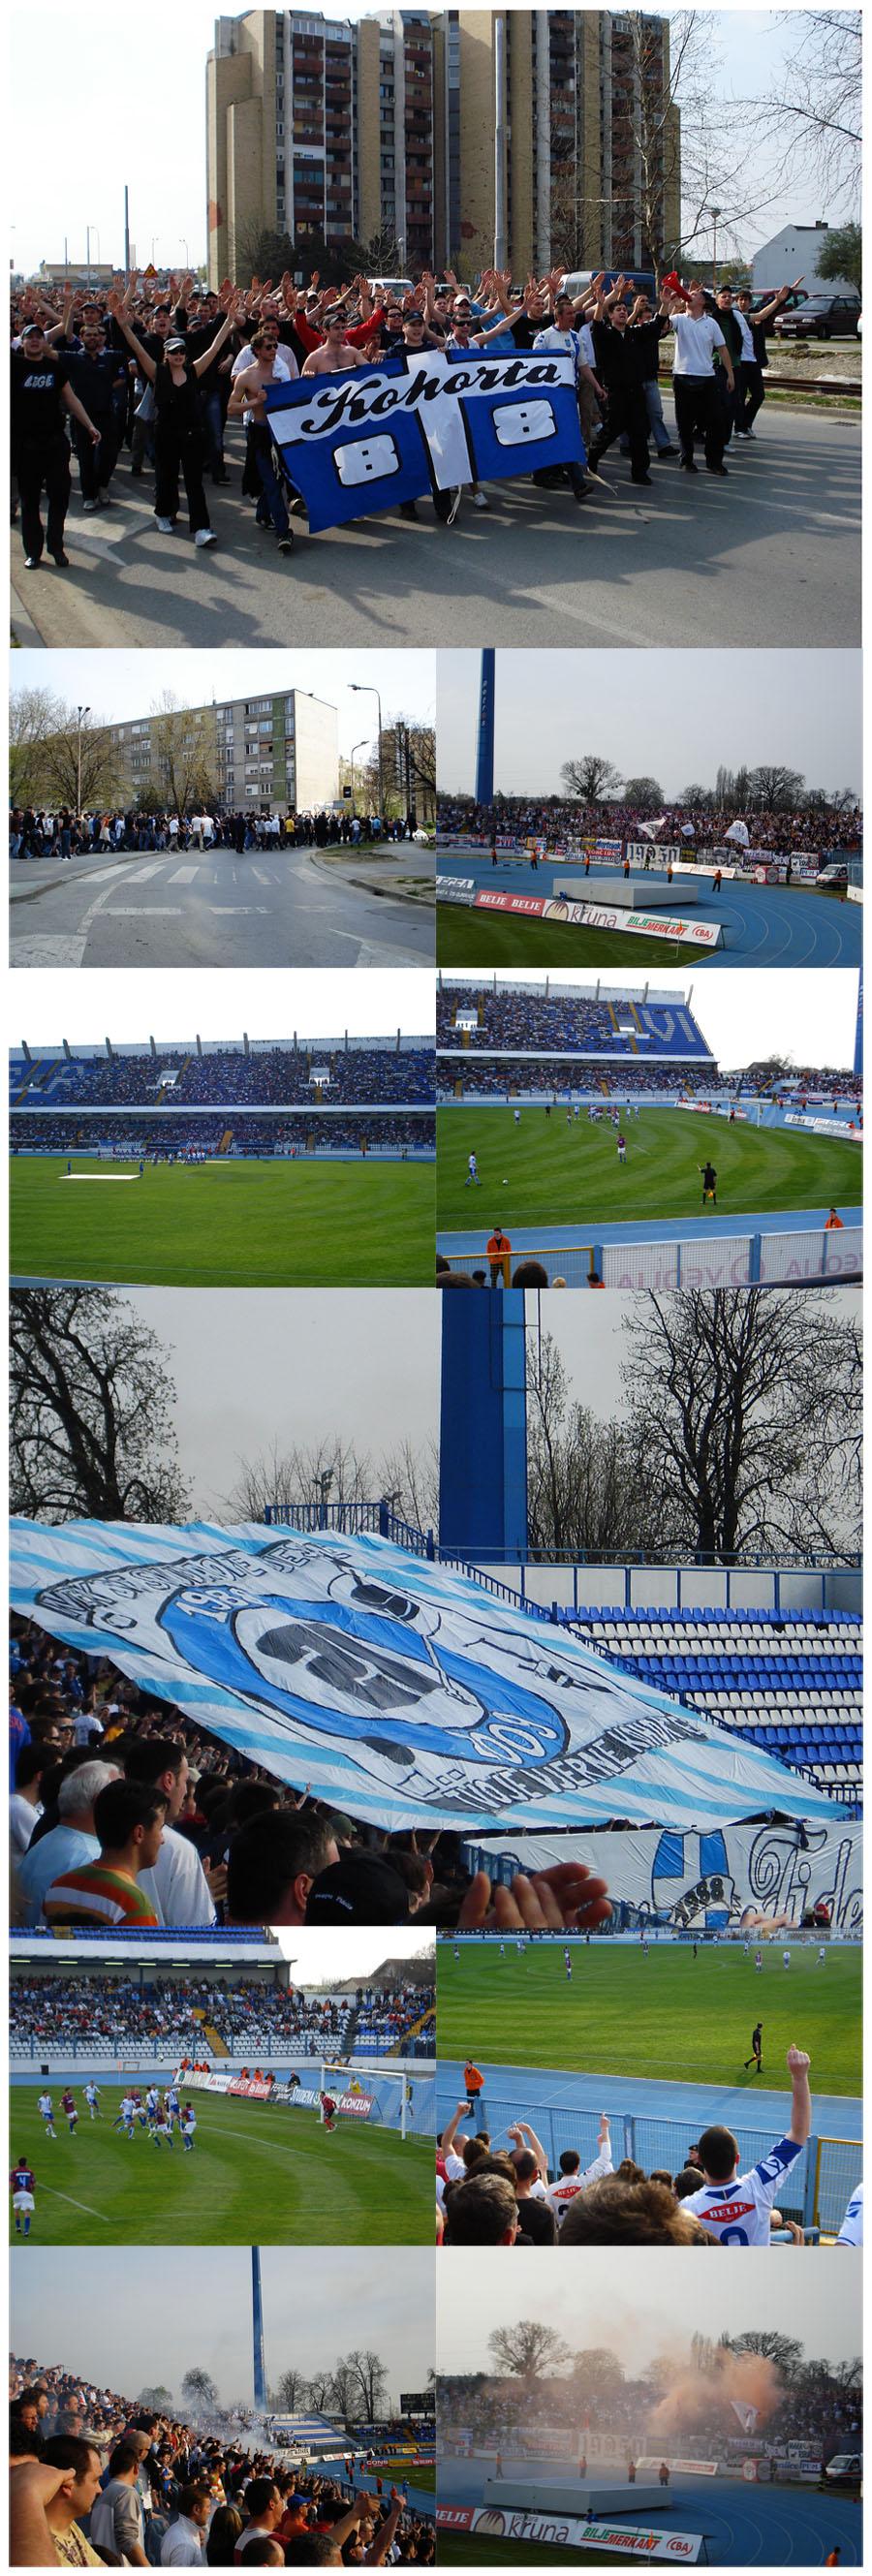 Osijek - Hajduk 1:0  Pročitajte... [url=http://www.osijek031.com/osijek.php?topic_id=18820]Praznik nogometa u Gradskom vrtu![/url]  Foto: [b]M.K.[/b]  Ključne riječi: utakmica osijek hajduk kohorta nogomet